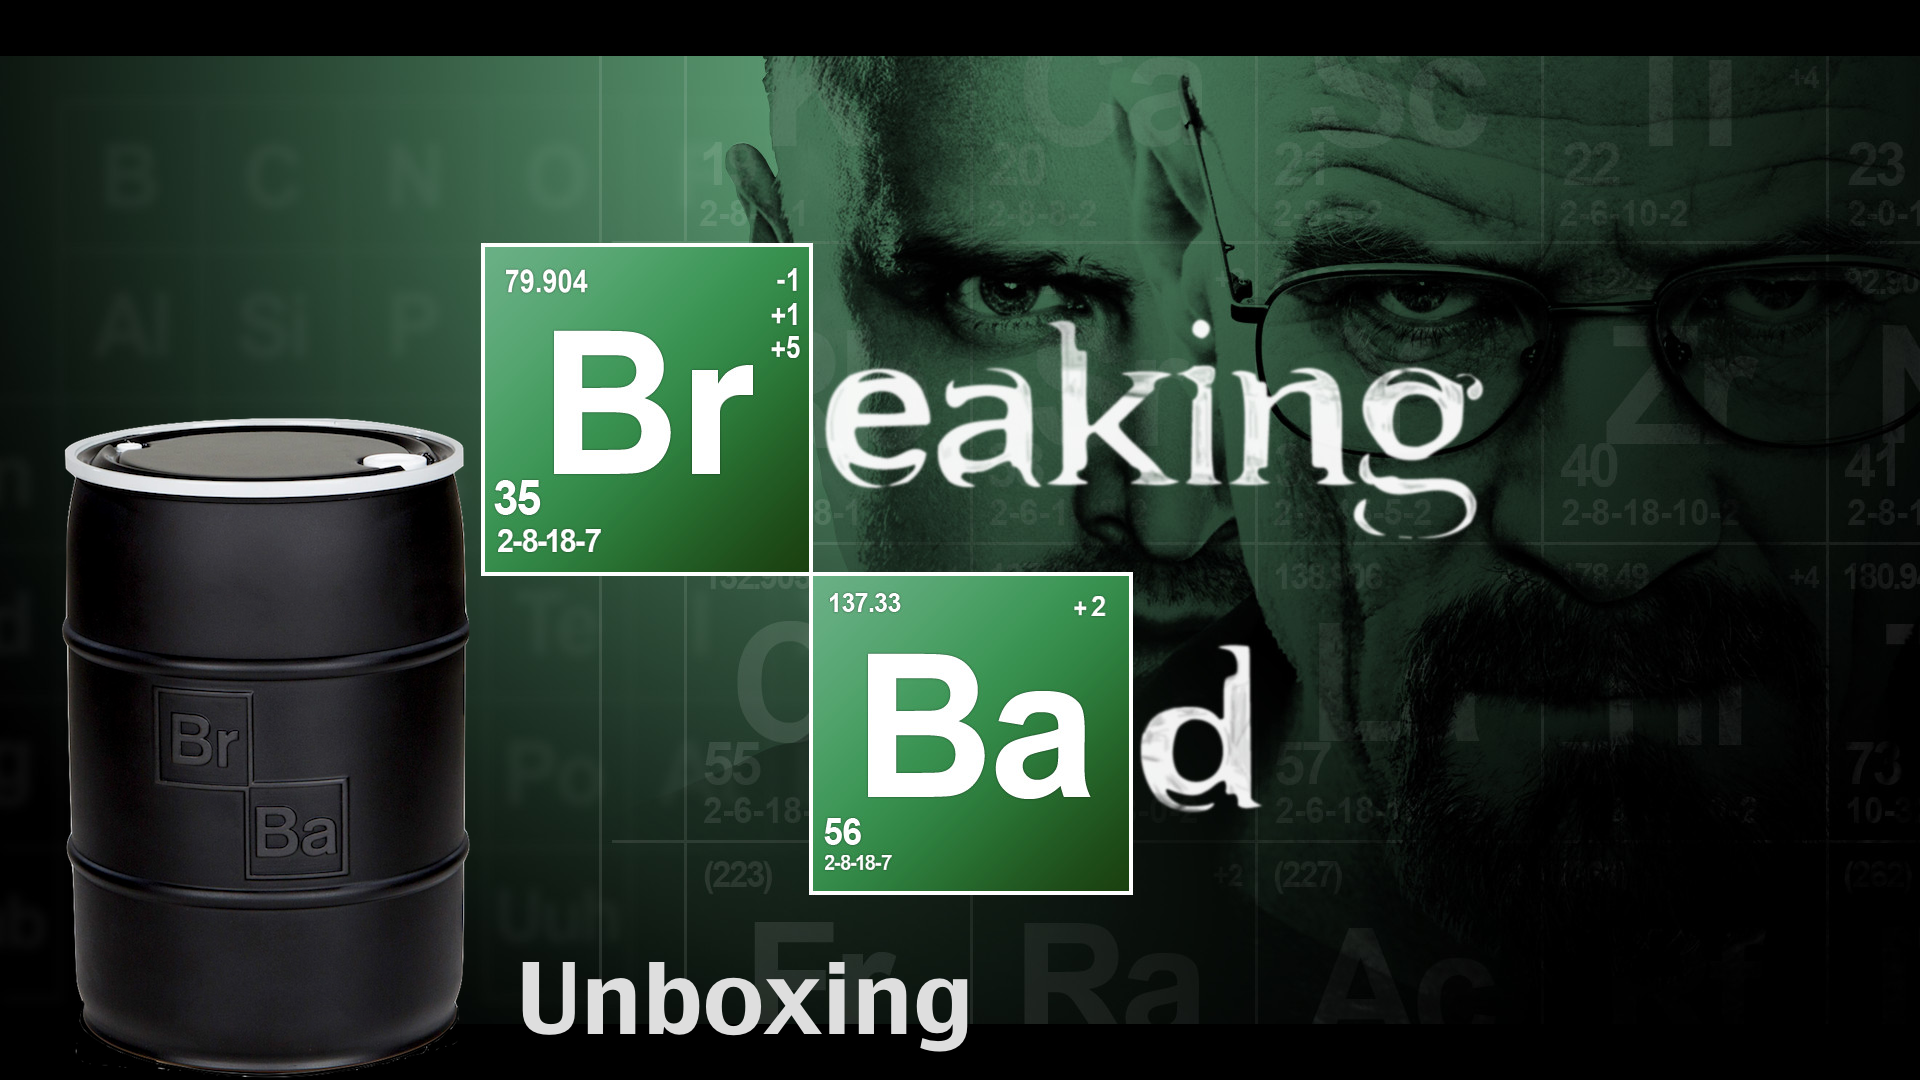 Barril Breaking Bad